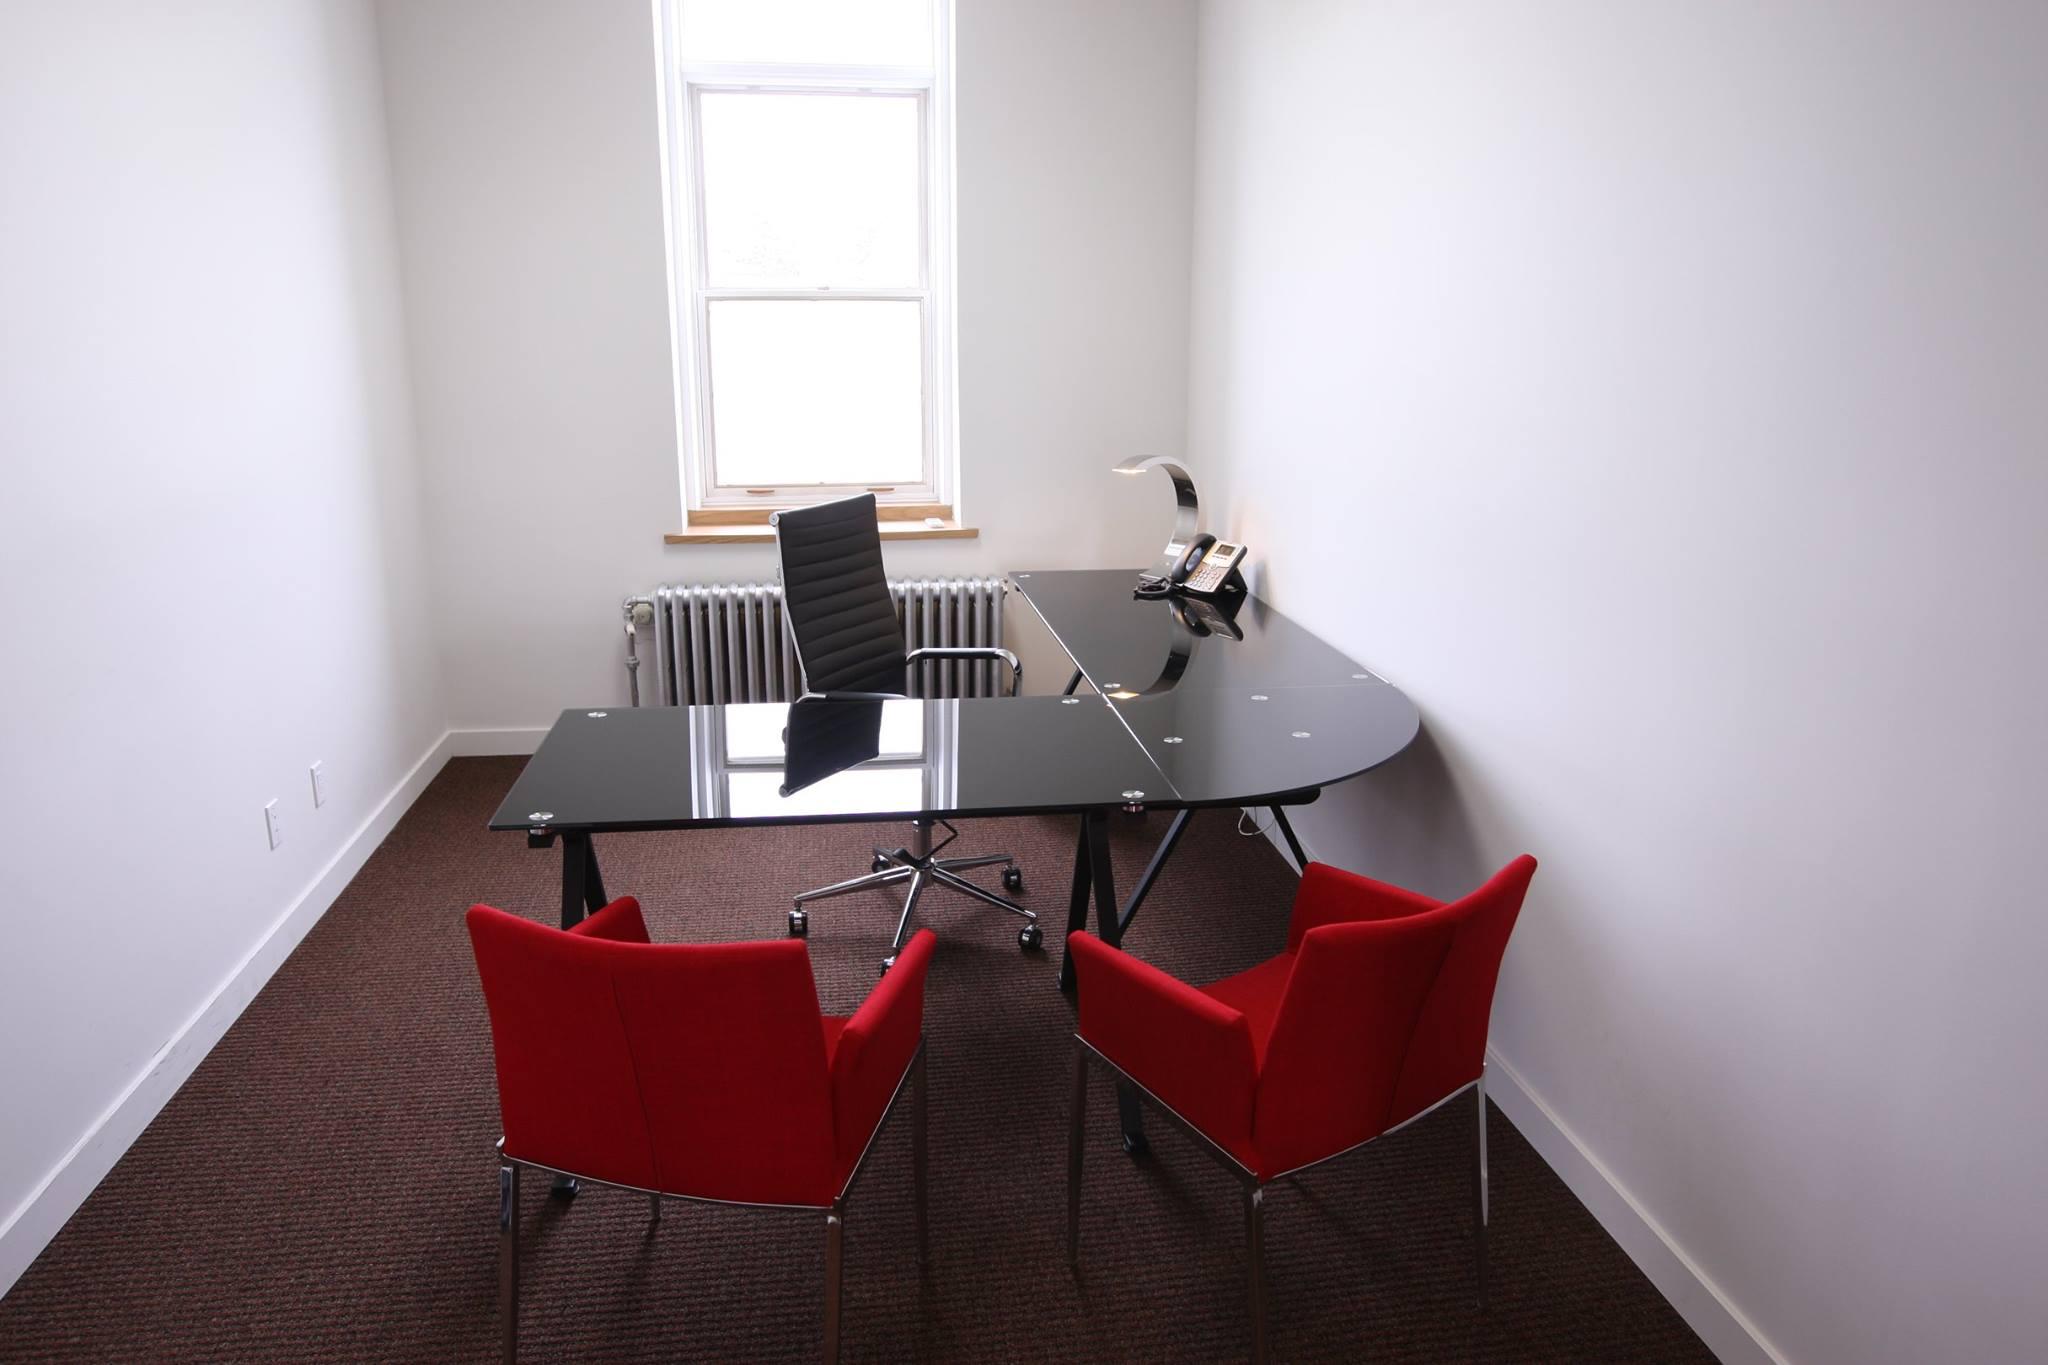 Location de bureaux lab lieu de cr ation - Location de bureau a la journee ...